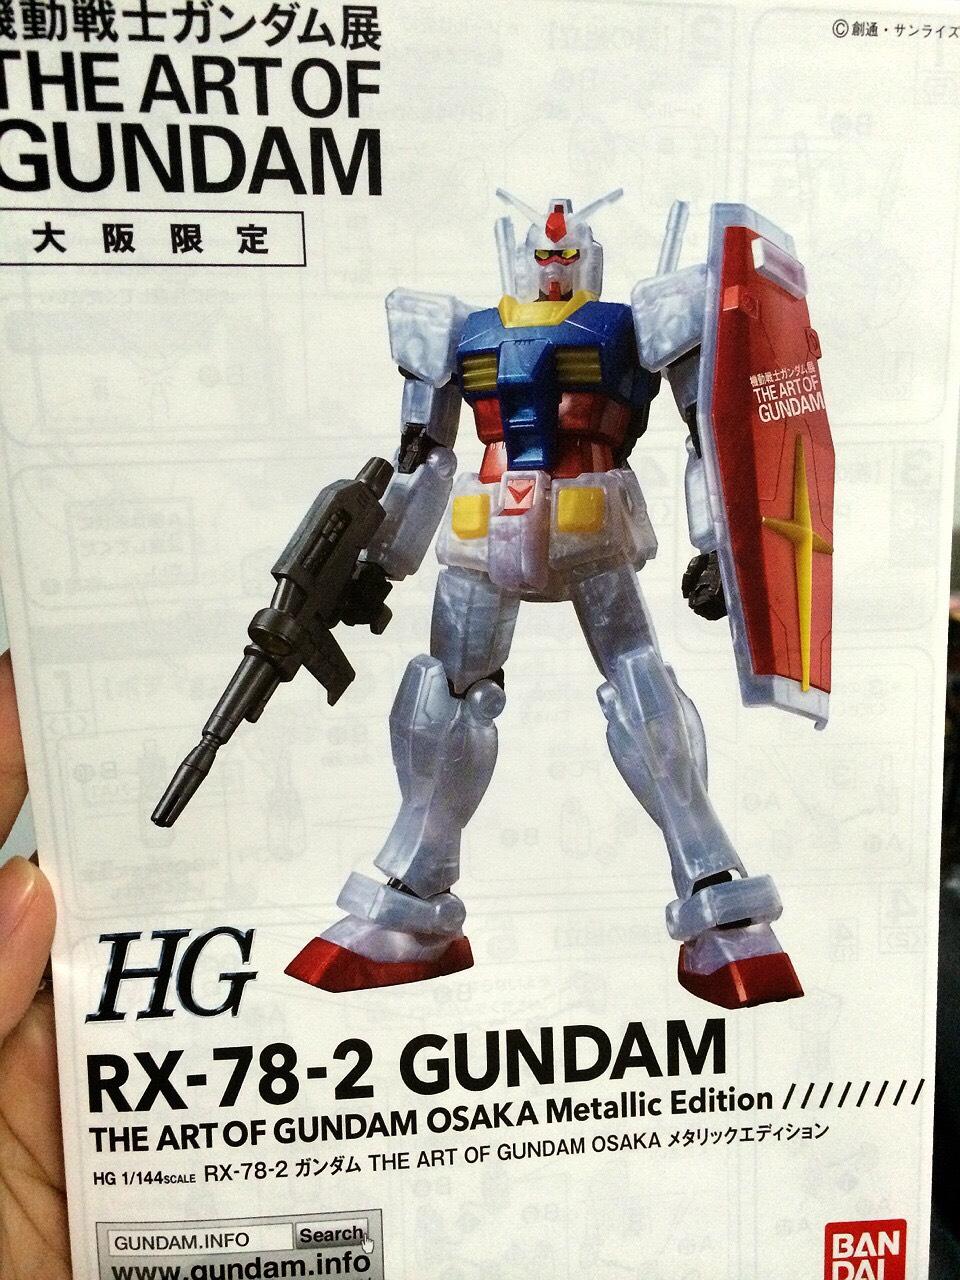 Hg RX-78-2 + Hg MS-06S&MS-06 ZAKU II Limited Gundam The Art Of Gundam Osaka Metallice Edition